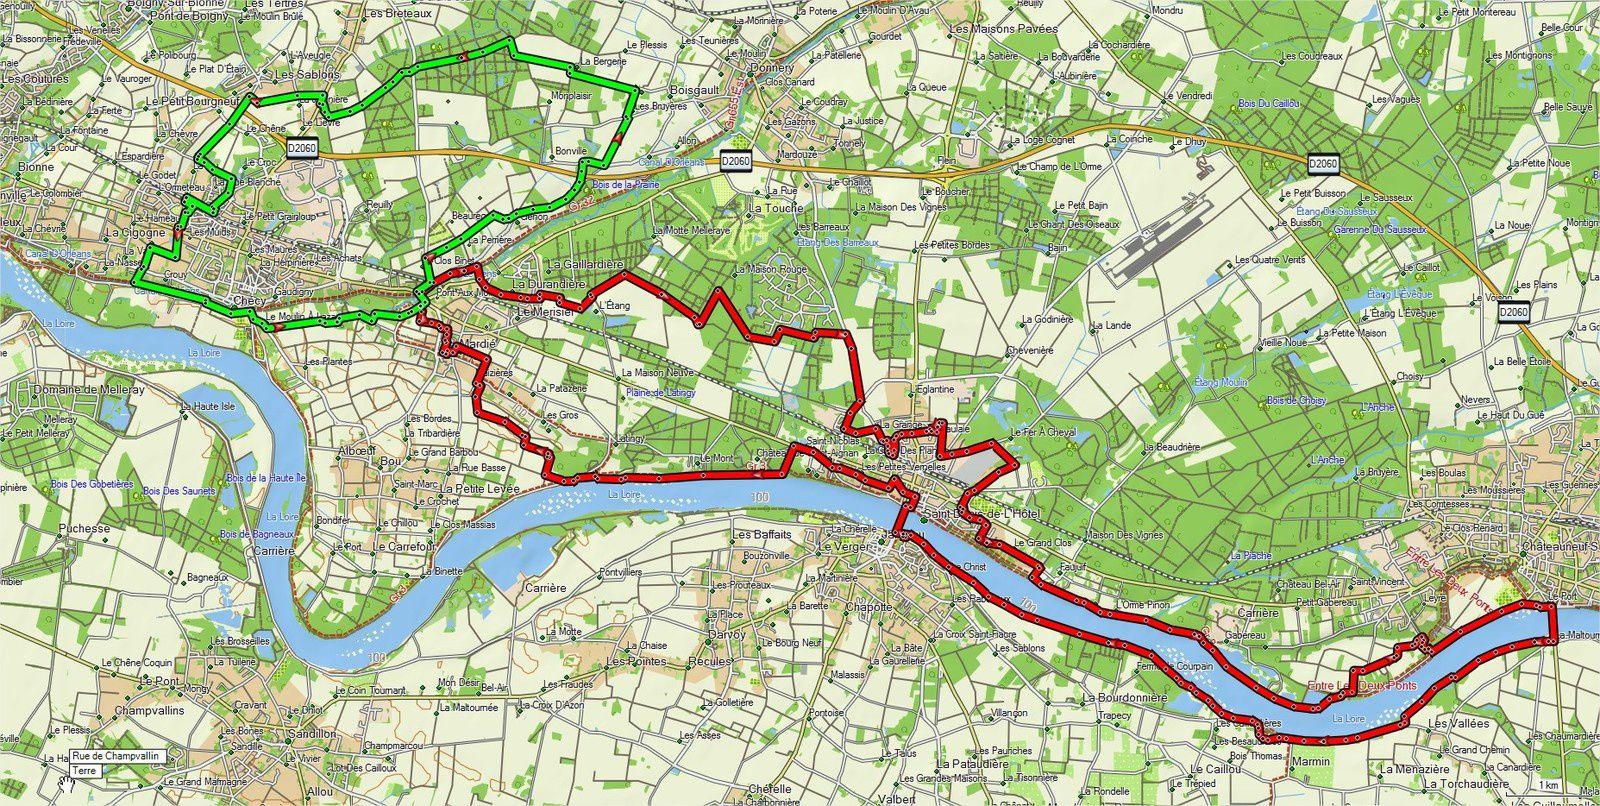 Randonnée VTT et ROUTE - Au fil du Cens - 11 Juin 2017 - Parcours et traces GPS